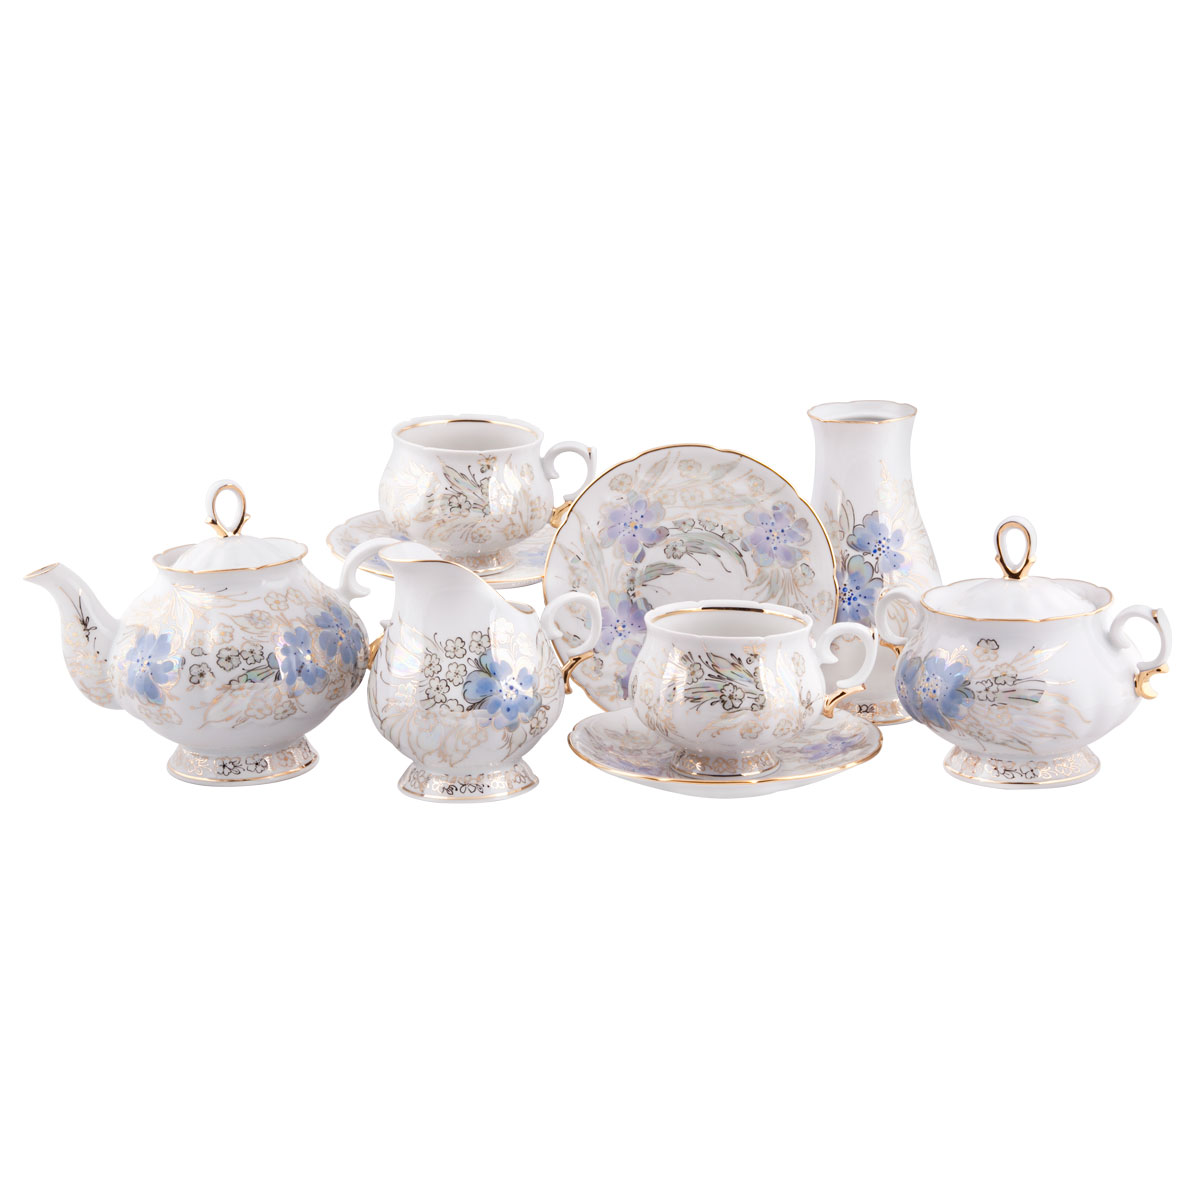 Сервиз чайный Башфарфор Людмила, 16 предметов115510Сервиз чайный из белого фарфора рассчитан на 6 персон. Тонкий белый фарфор.Скромный, но очень нежный и романтичный сервиз, создающий настроение. Удобная, практичная, легкая посуда, подходит и для особых случаев и на каждый день.В состав набора входит: чашка 250мл 6 шт, блюдце 14,5см 6 шт, сахарница 300мл 1шт, чайник 600мл 1 шт, Молочник 250мл 1шт, ваза 1шт.